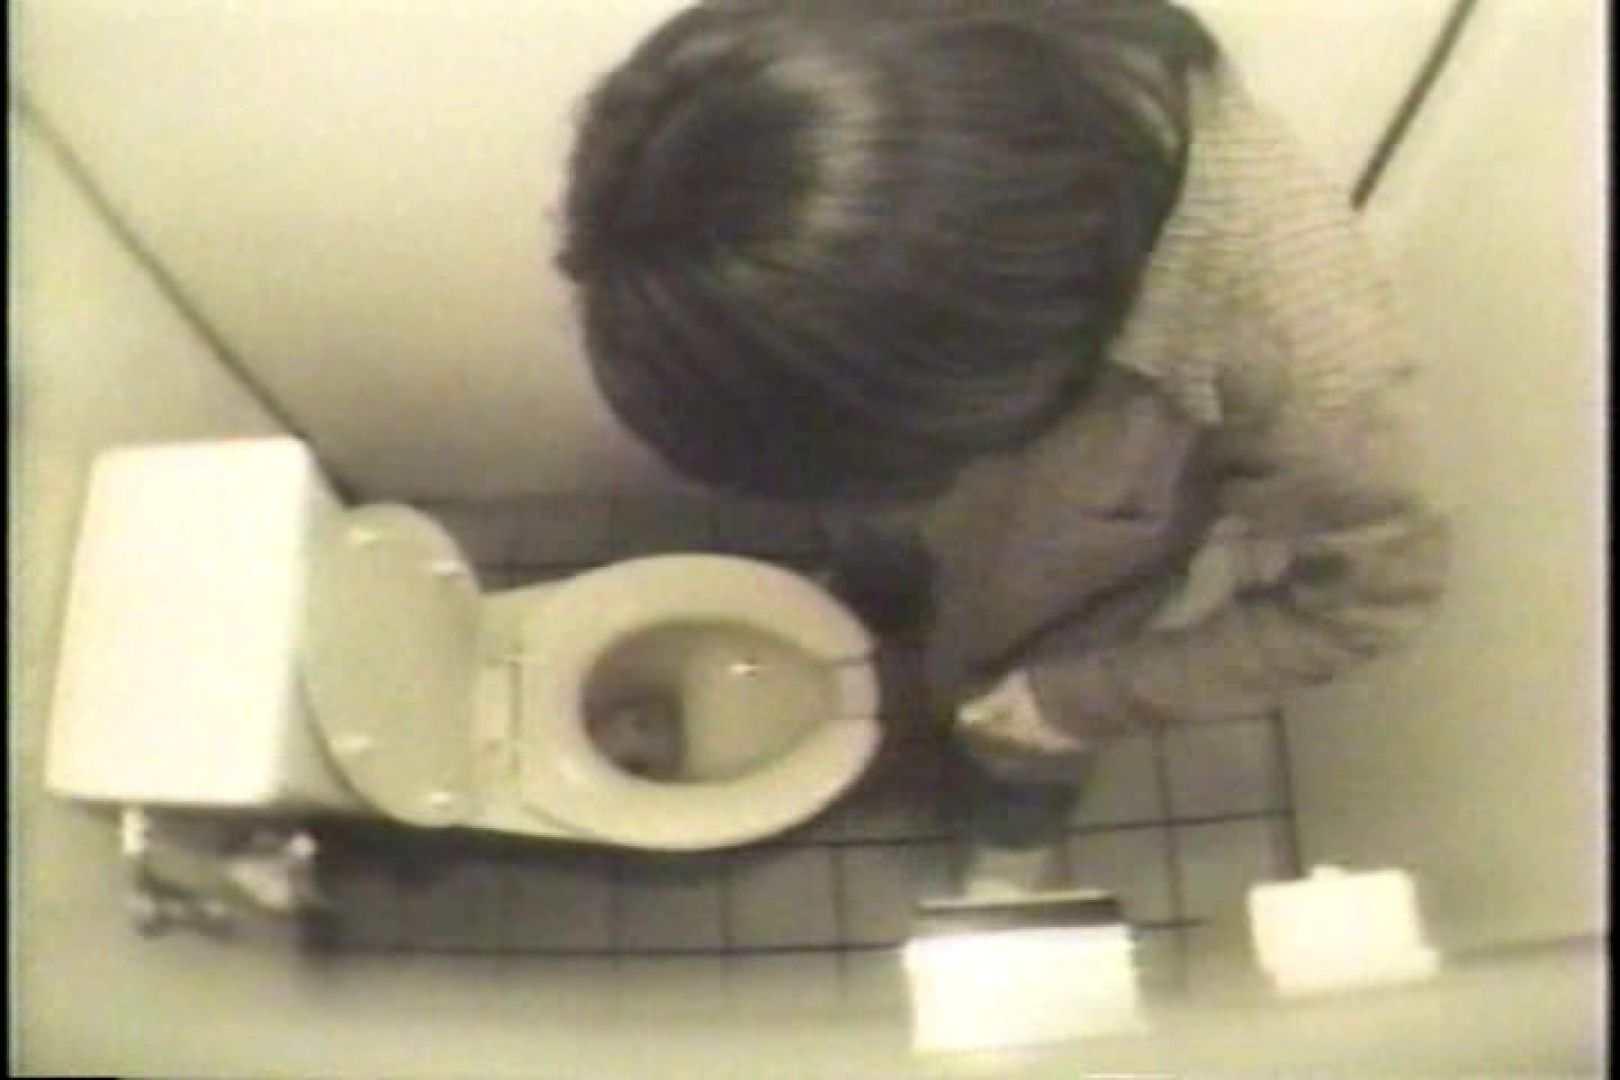 盗撮 女子洗面所3ヶ所入ってしゃがんで音出して 盗撮 おまんこ無修正動画無料 67pic 6